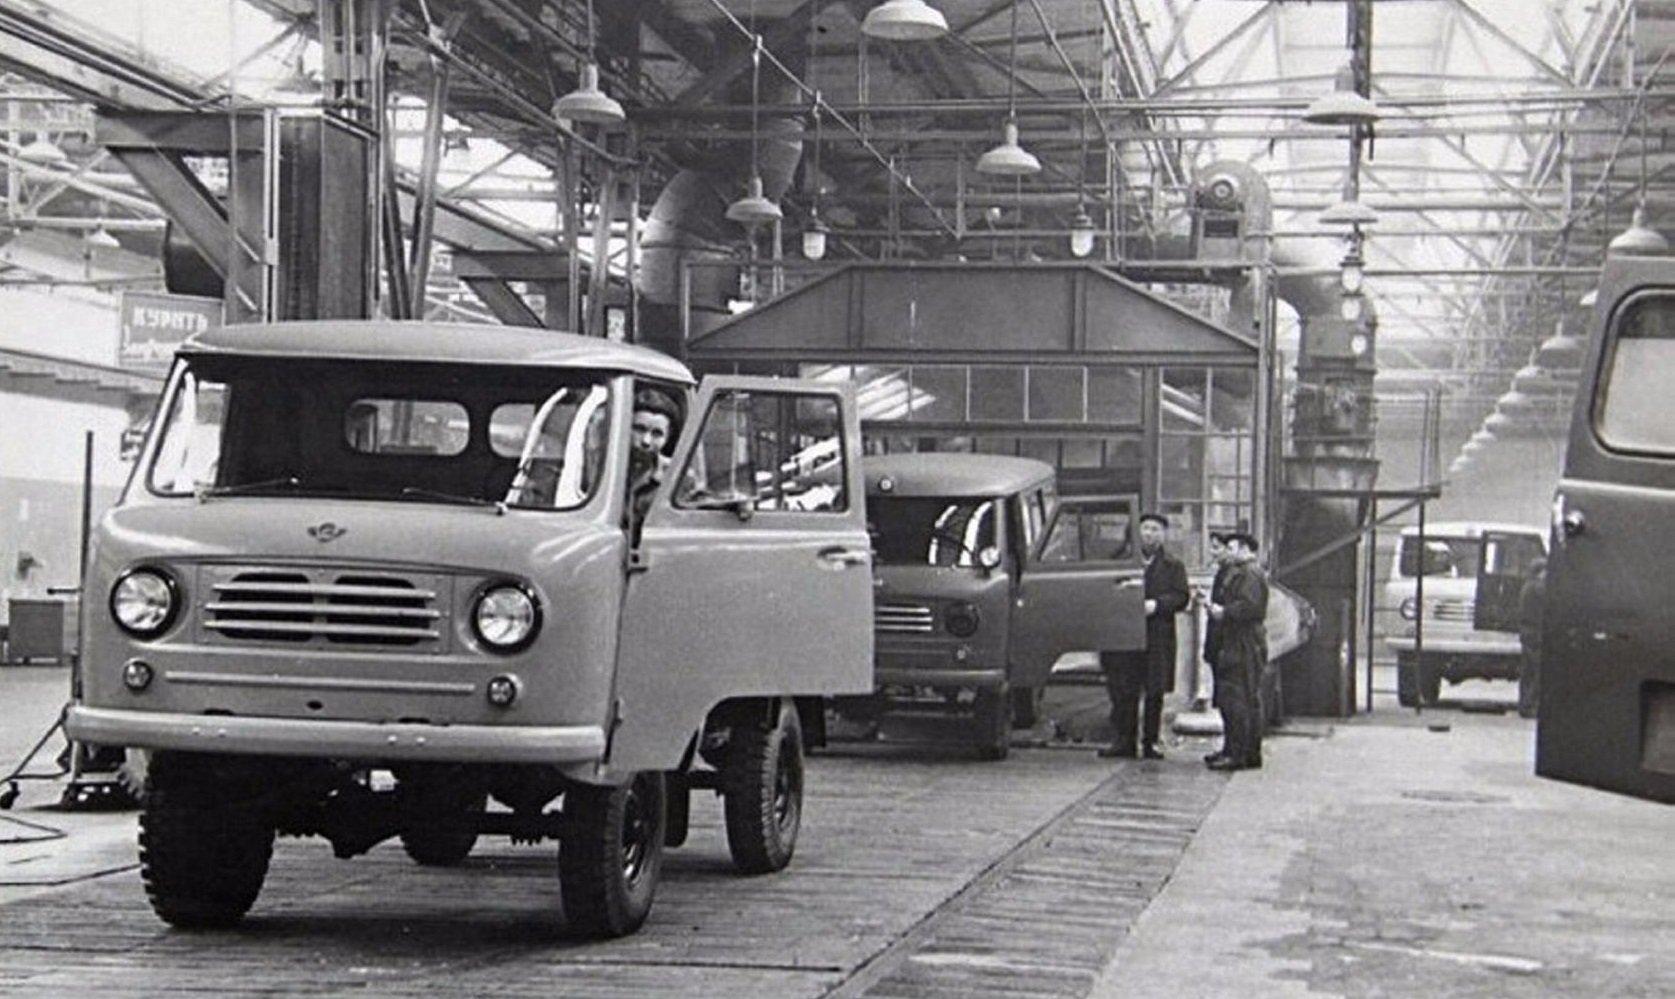 Кто в сша впервые внедрил конвейер на производстве серийного автомобиля астон элеватор на дону